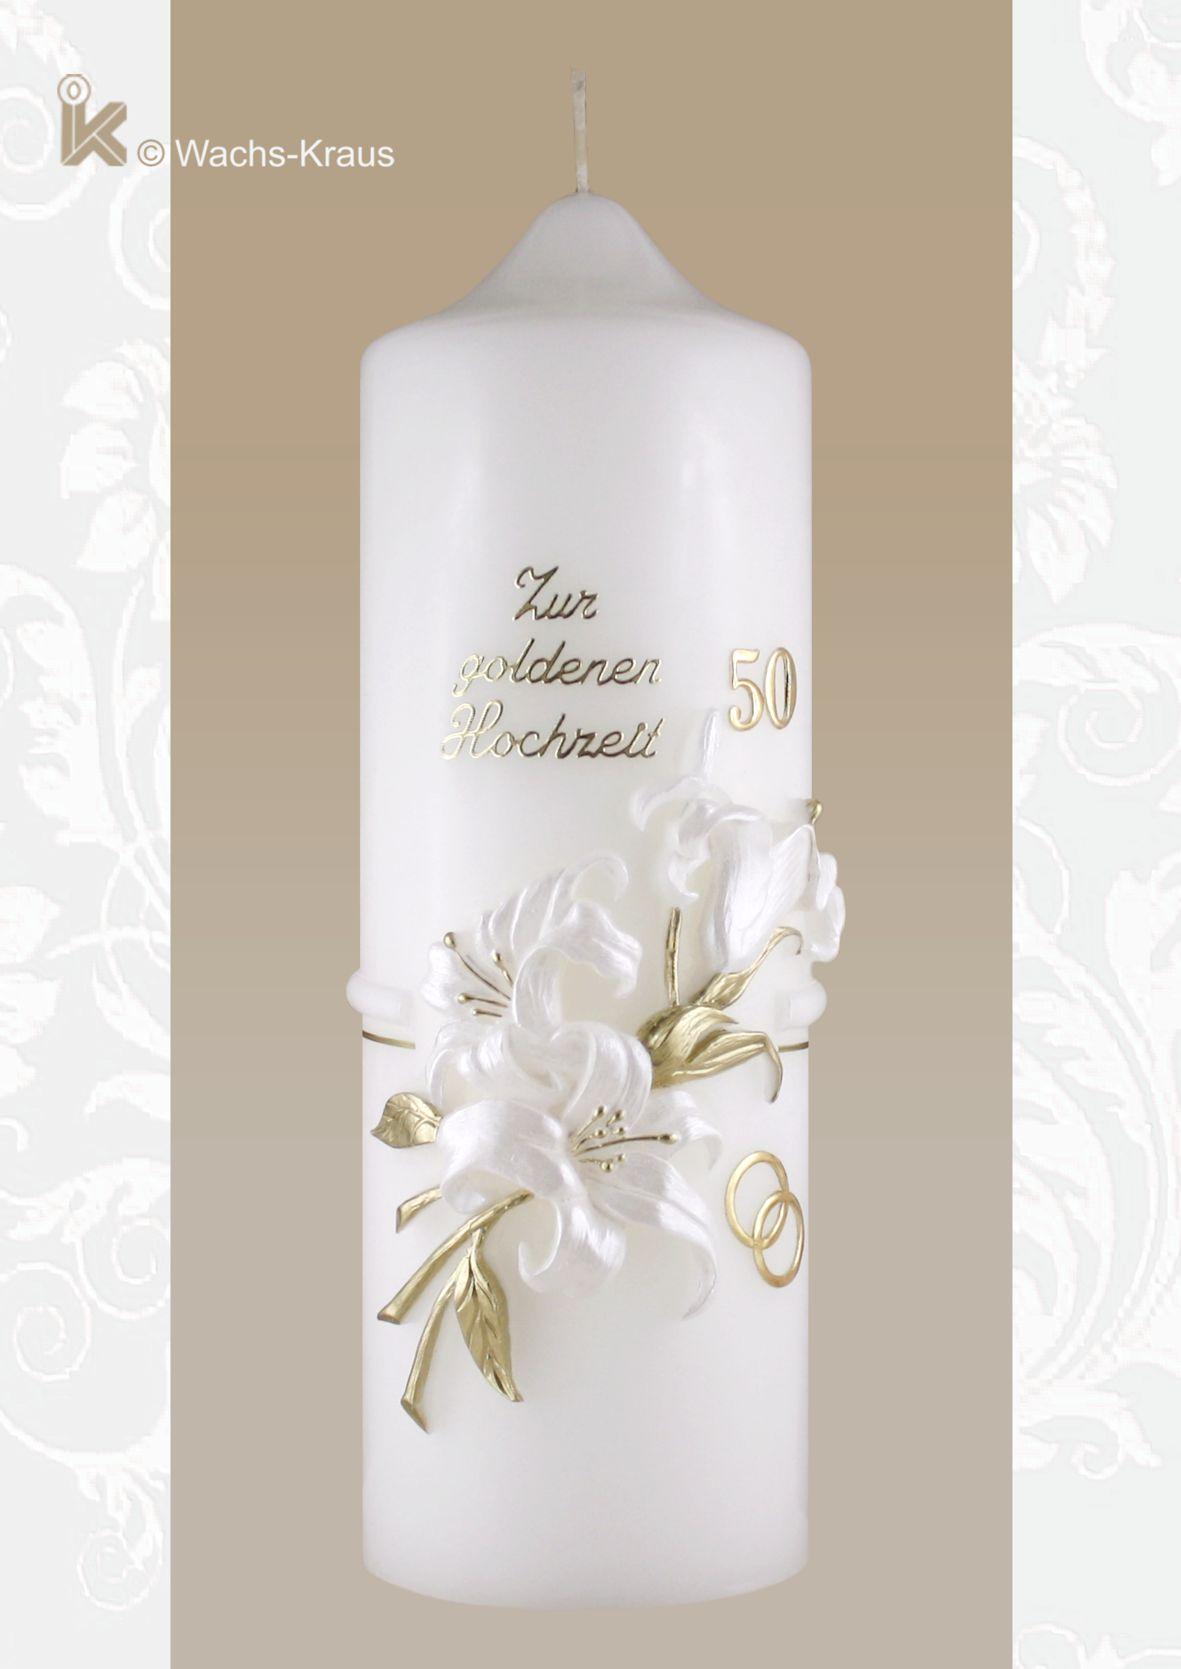 Kerze zur Goldenen Hochzeit mit einer aus Wachs gegossenen, weißen Lilie